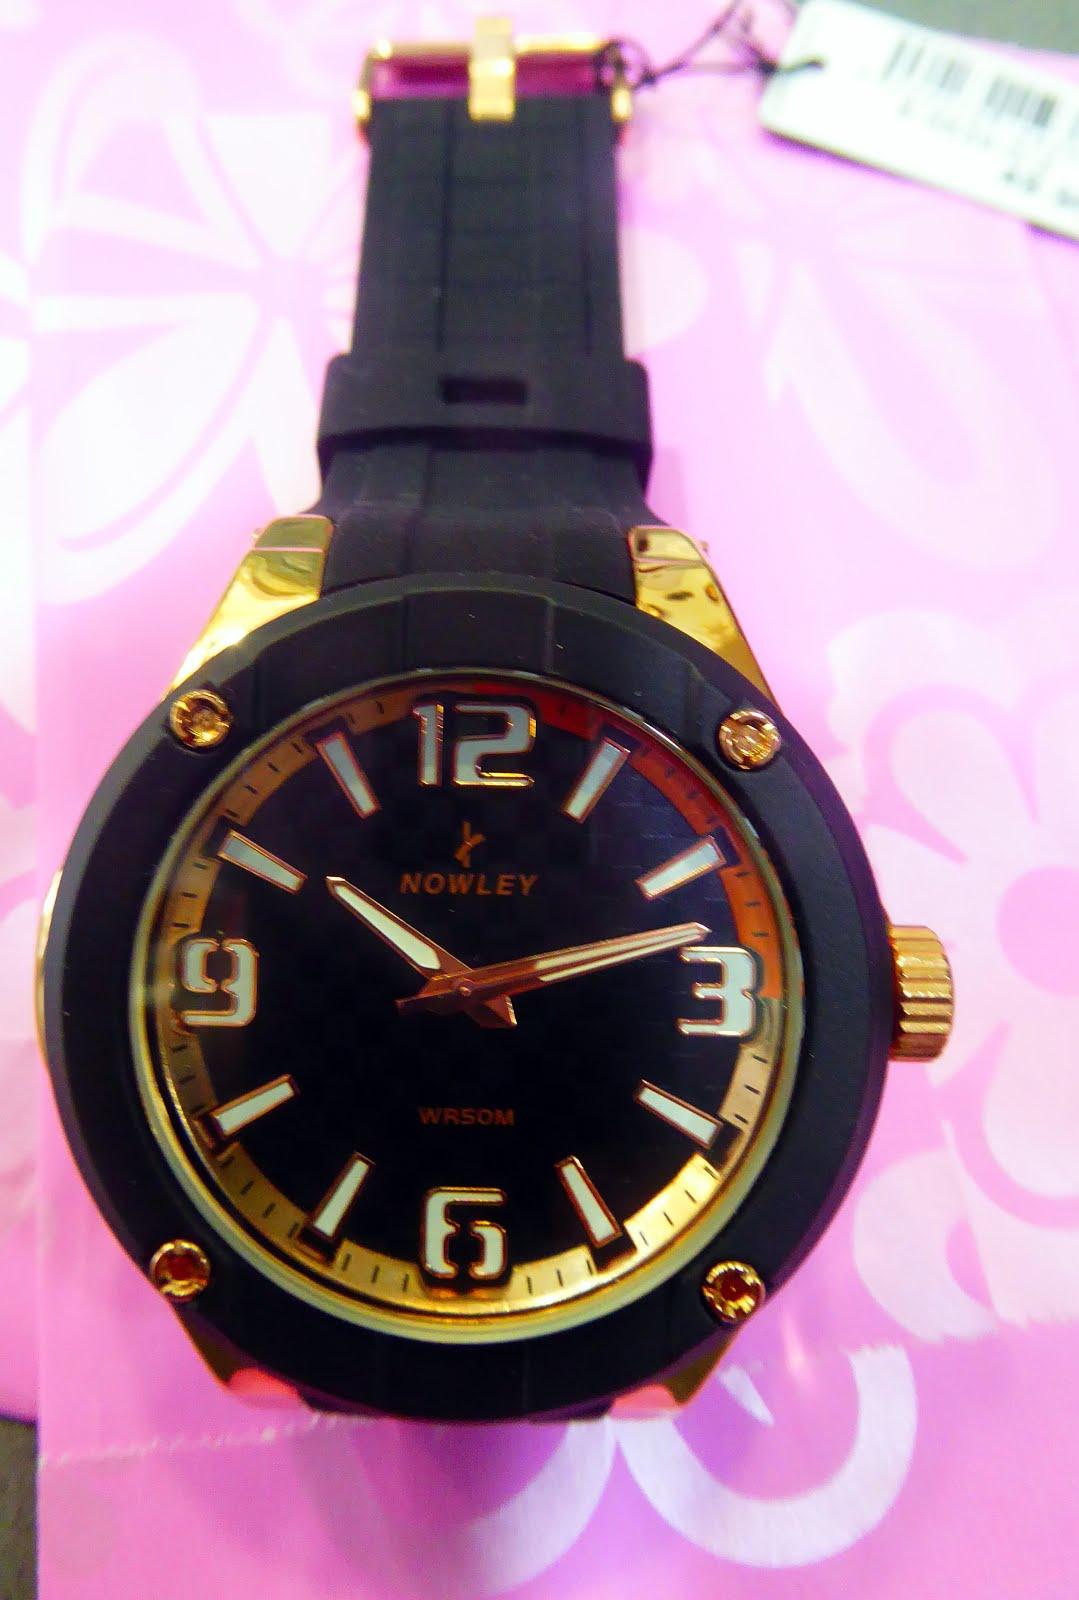 Reloj Nowley, sumergible con tapa a rosca, acero rosa, tamaño grande.